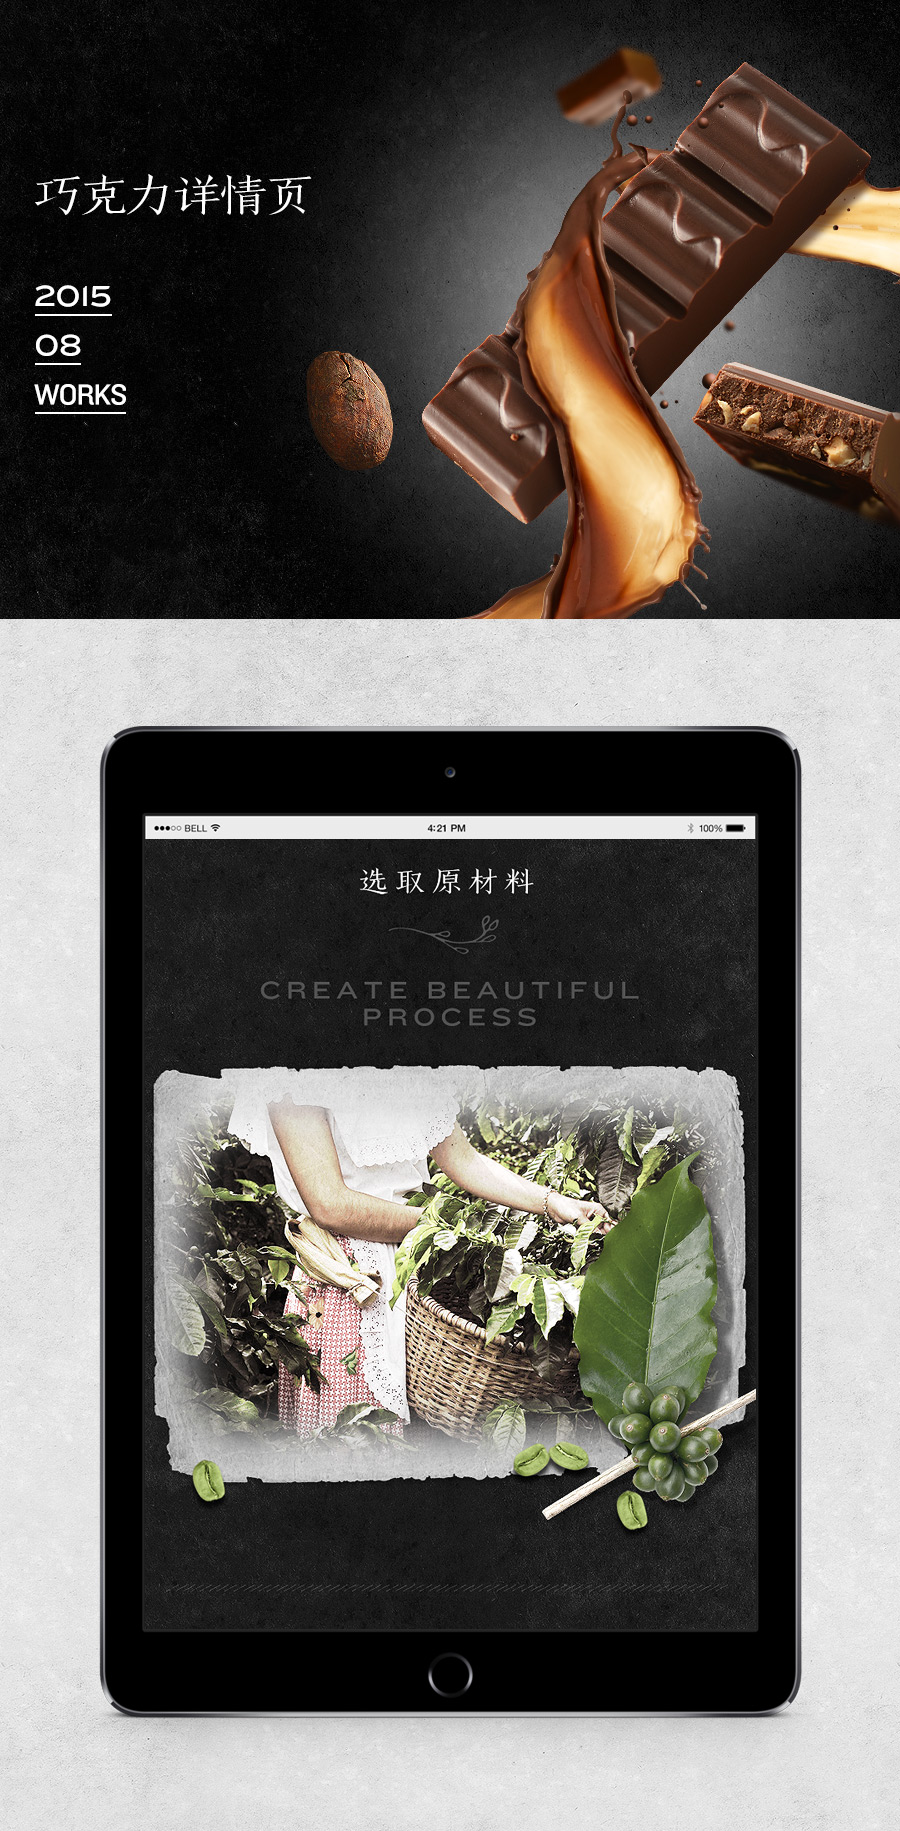 查看《淘宝天猫巧克力详情页》原图,原图尺寸:900x1831